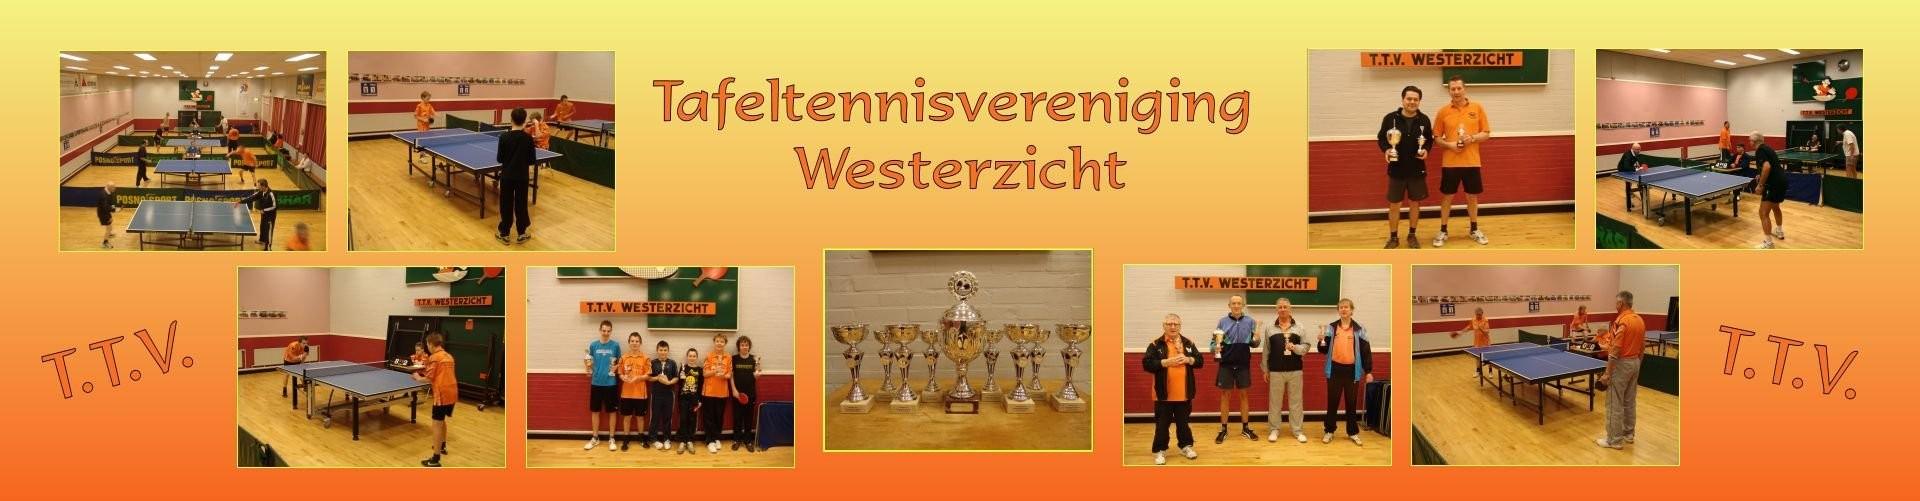 Welkom bij Tafeltennisvereniging Westerzicht